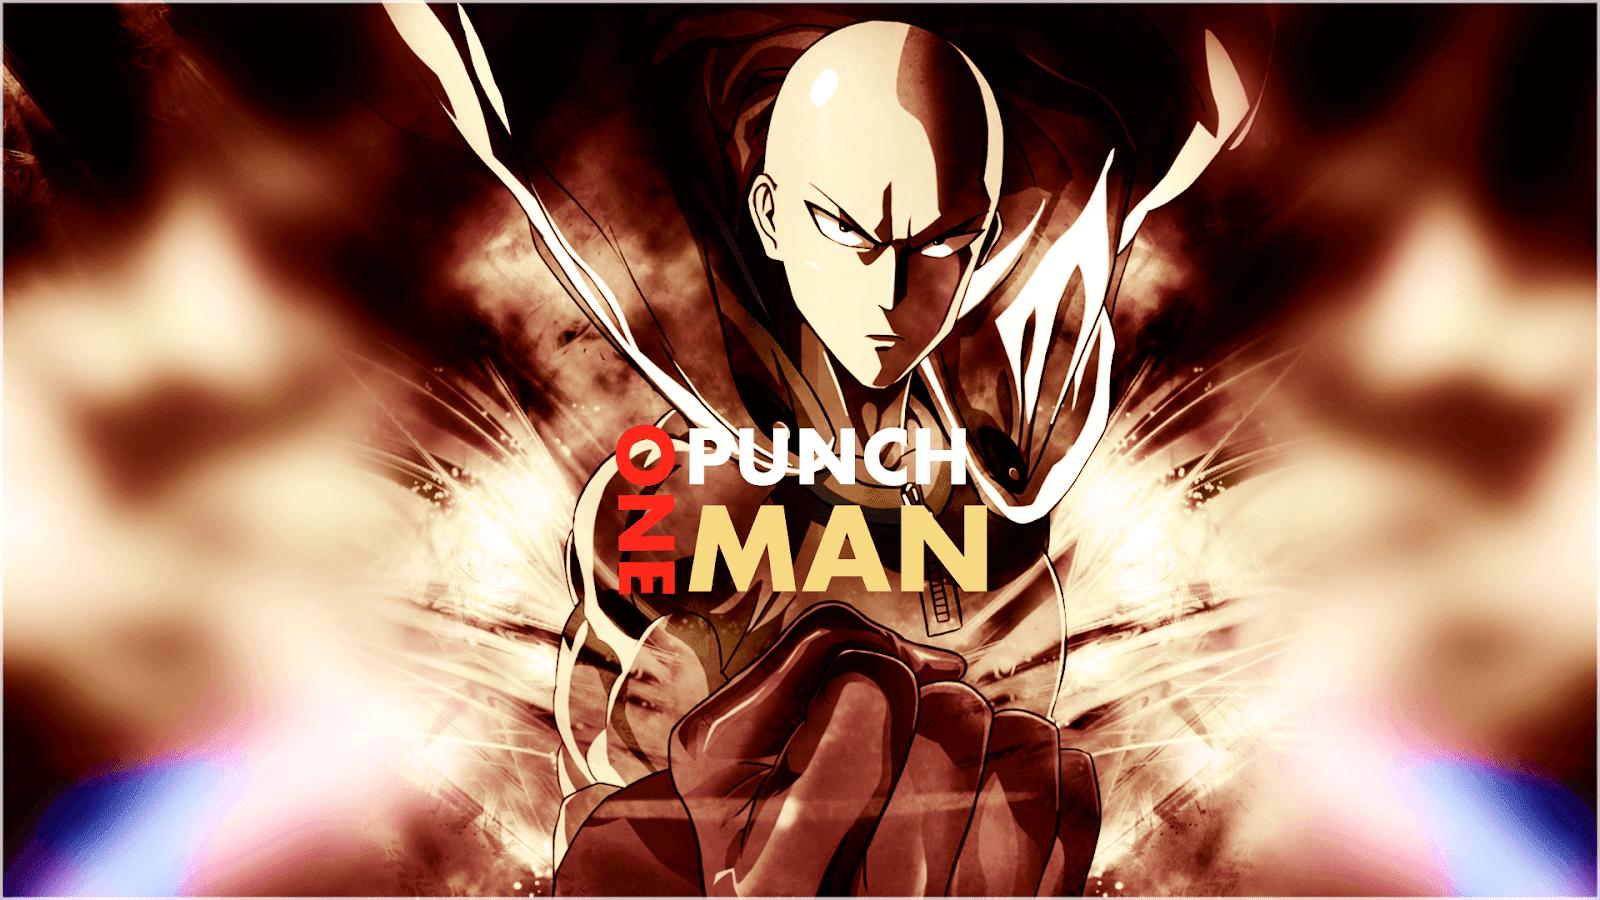 جميع حلقات انمى One Punch Man الموسم الثاتى مترجم أونلاين كامل تحميل و مشاهدة